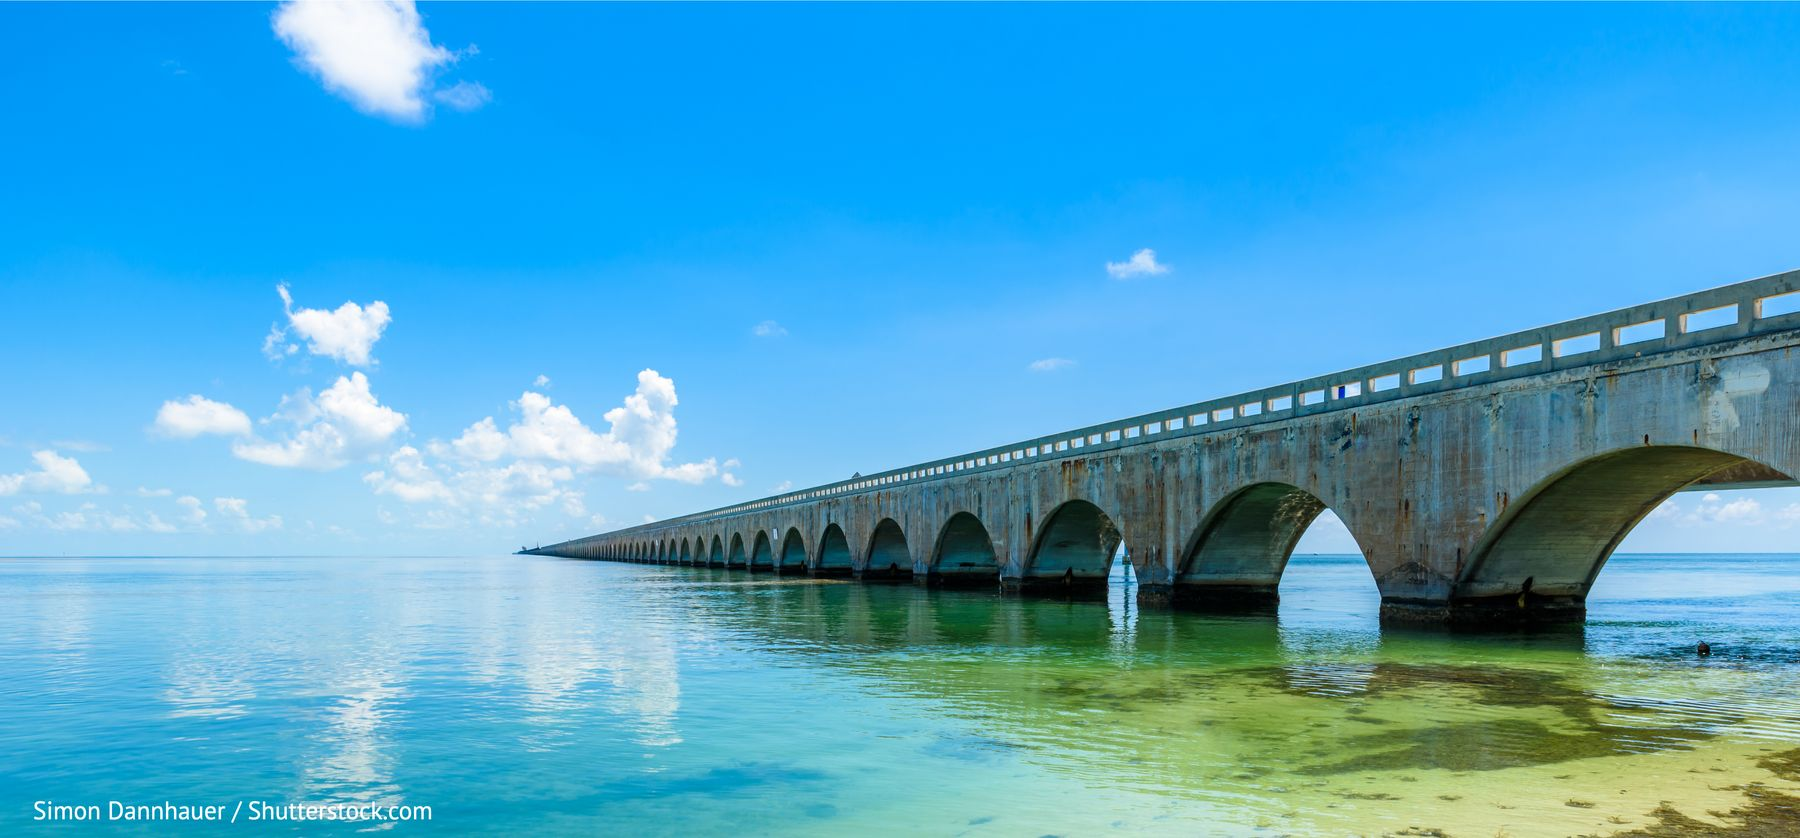 フロリダ セブンマイルブリッジ アメリカ